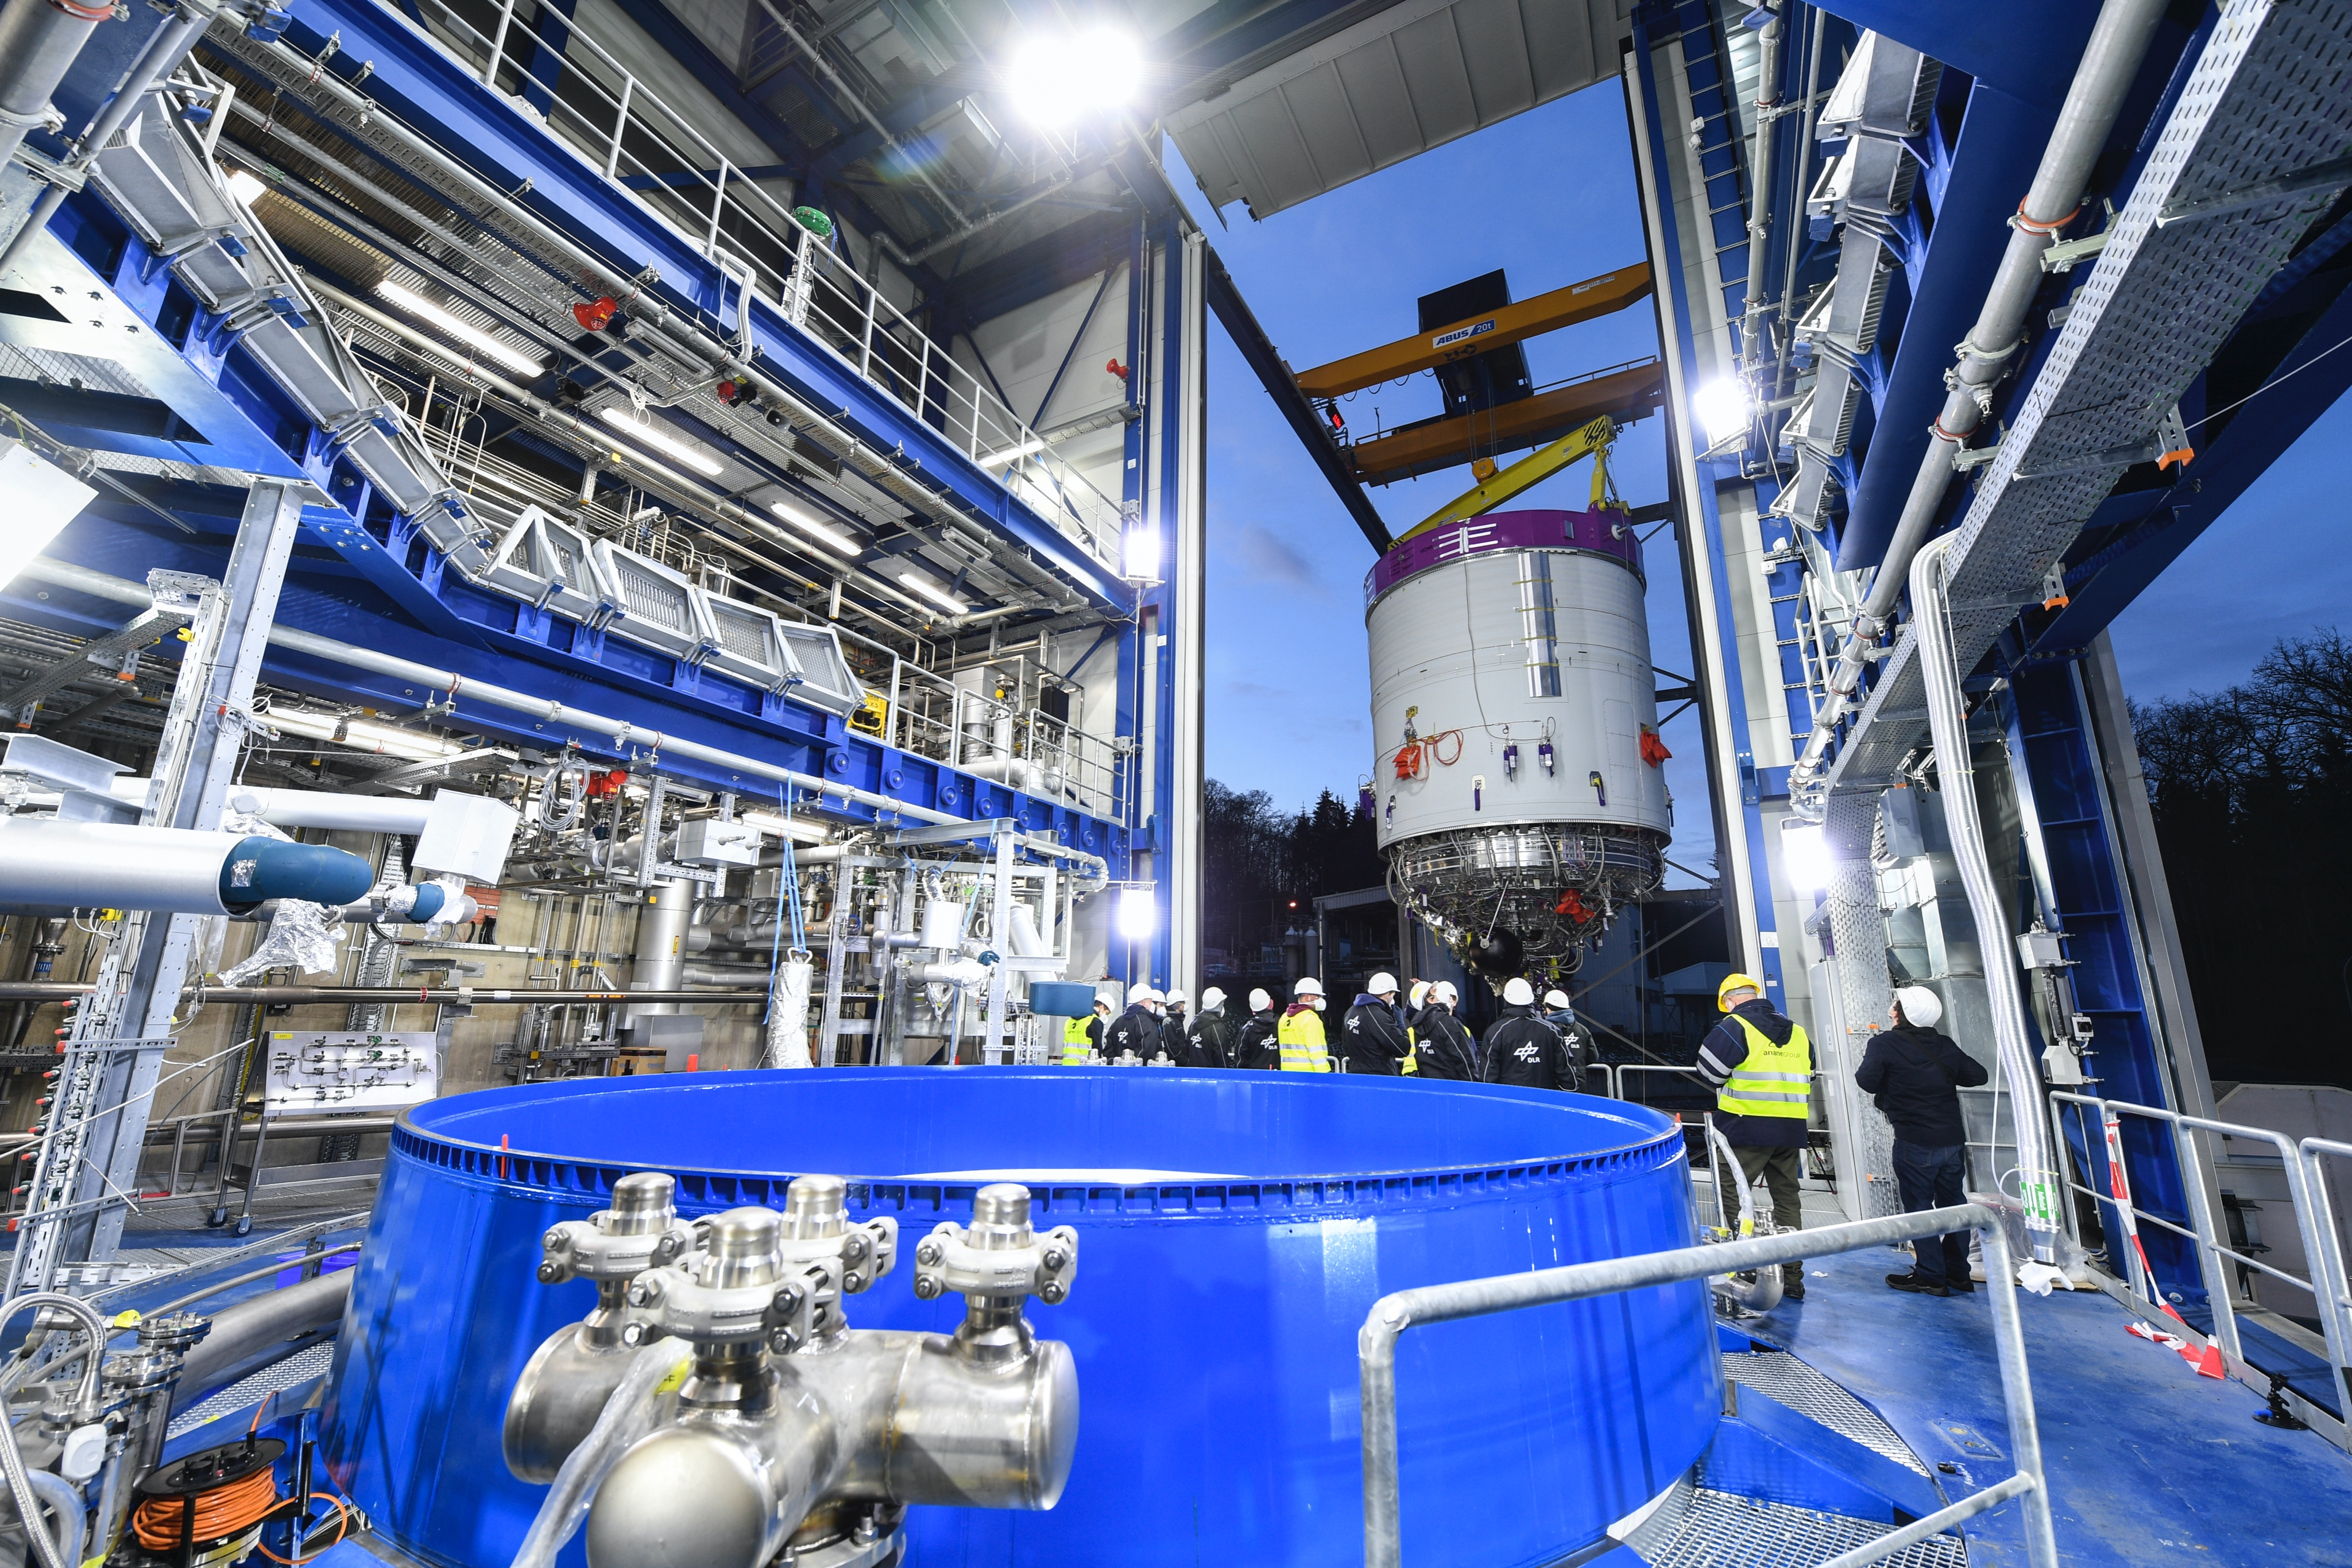 Ariane 6  - Le nouveau lanceur (3/3) - Page 18 EuhBwPBXIAoZX0c?format=jpg&name=4096x4096